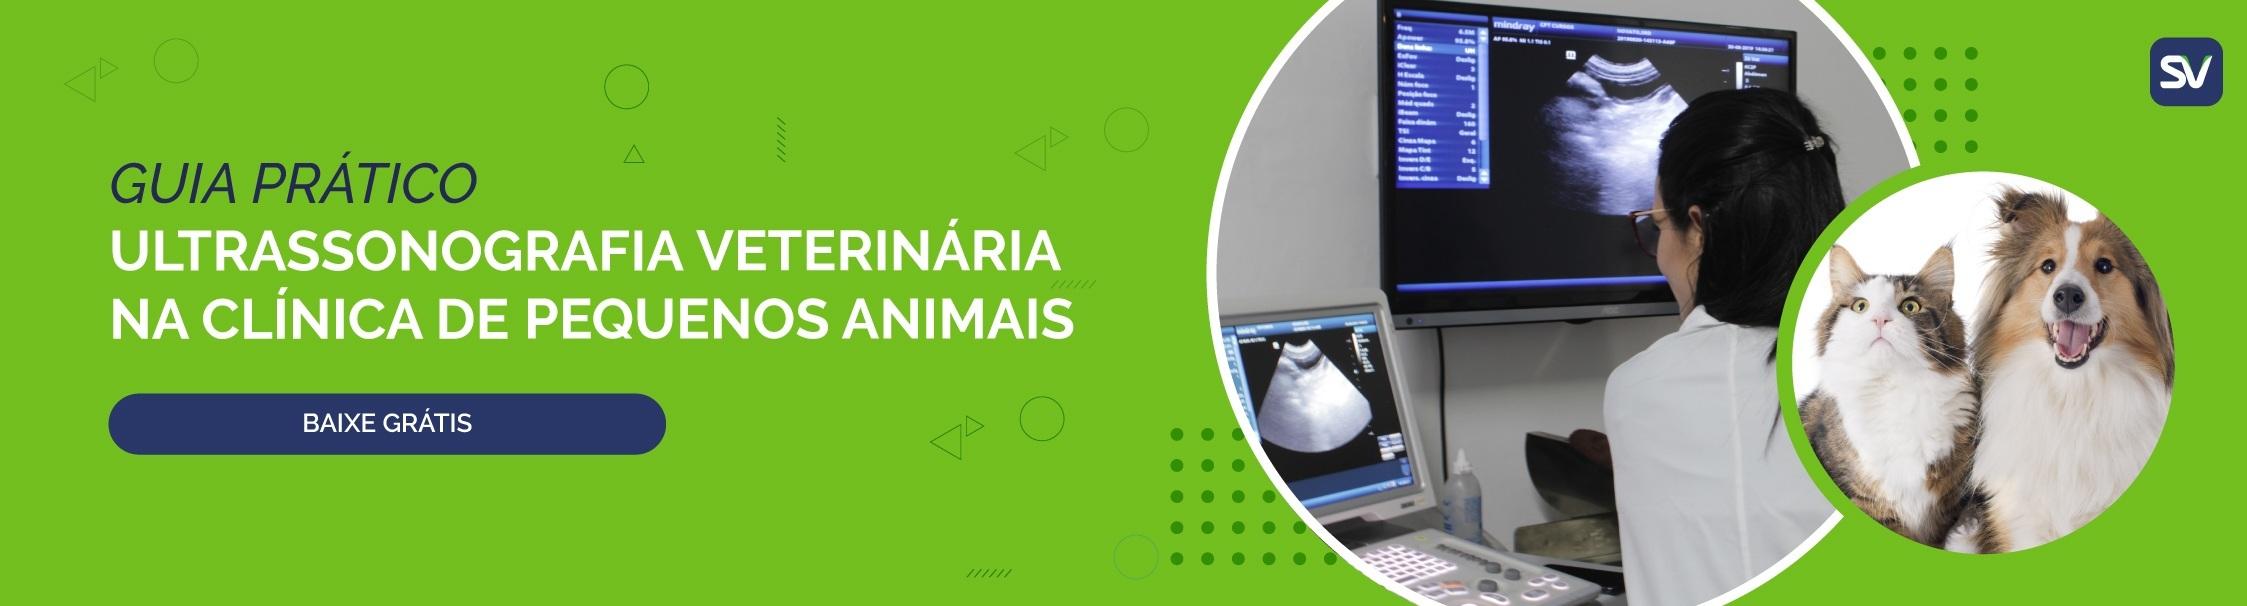 Guia Prático Ultrassonografia Veterinária na Clínica de Pequenos Animais